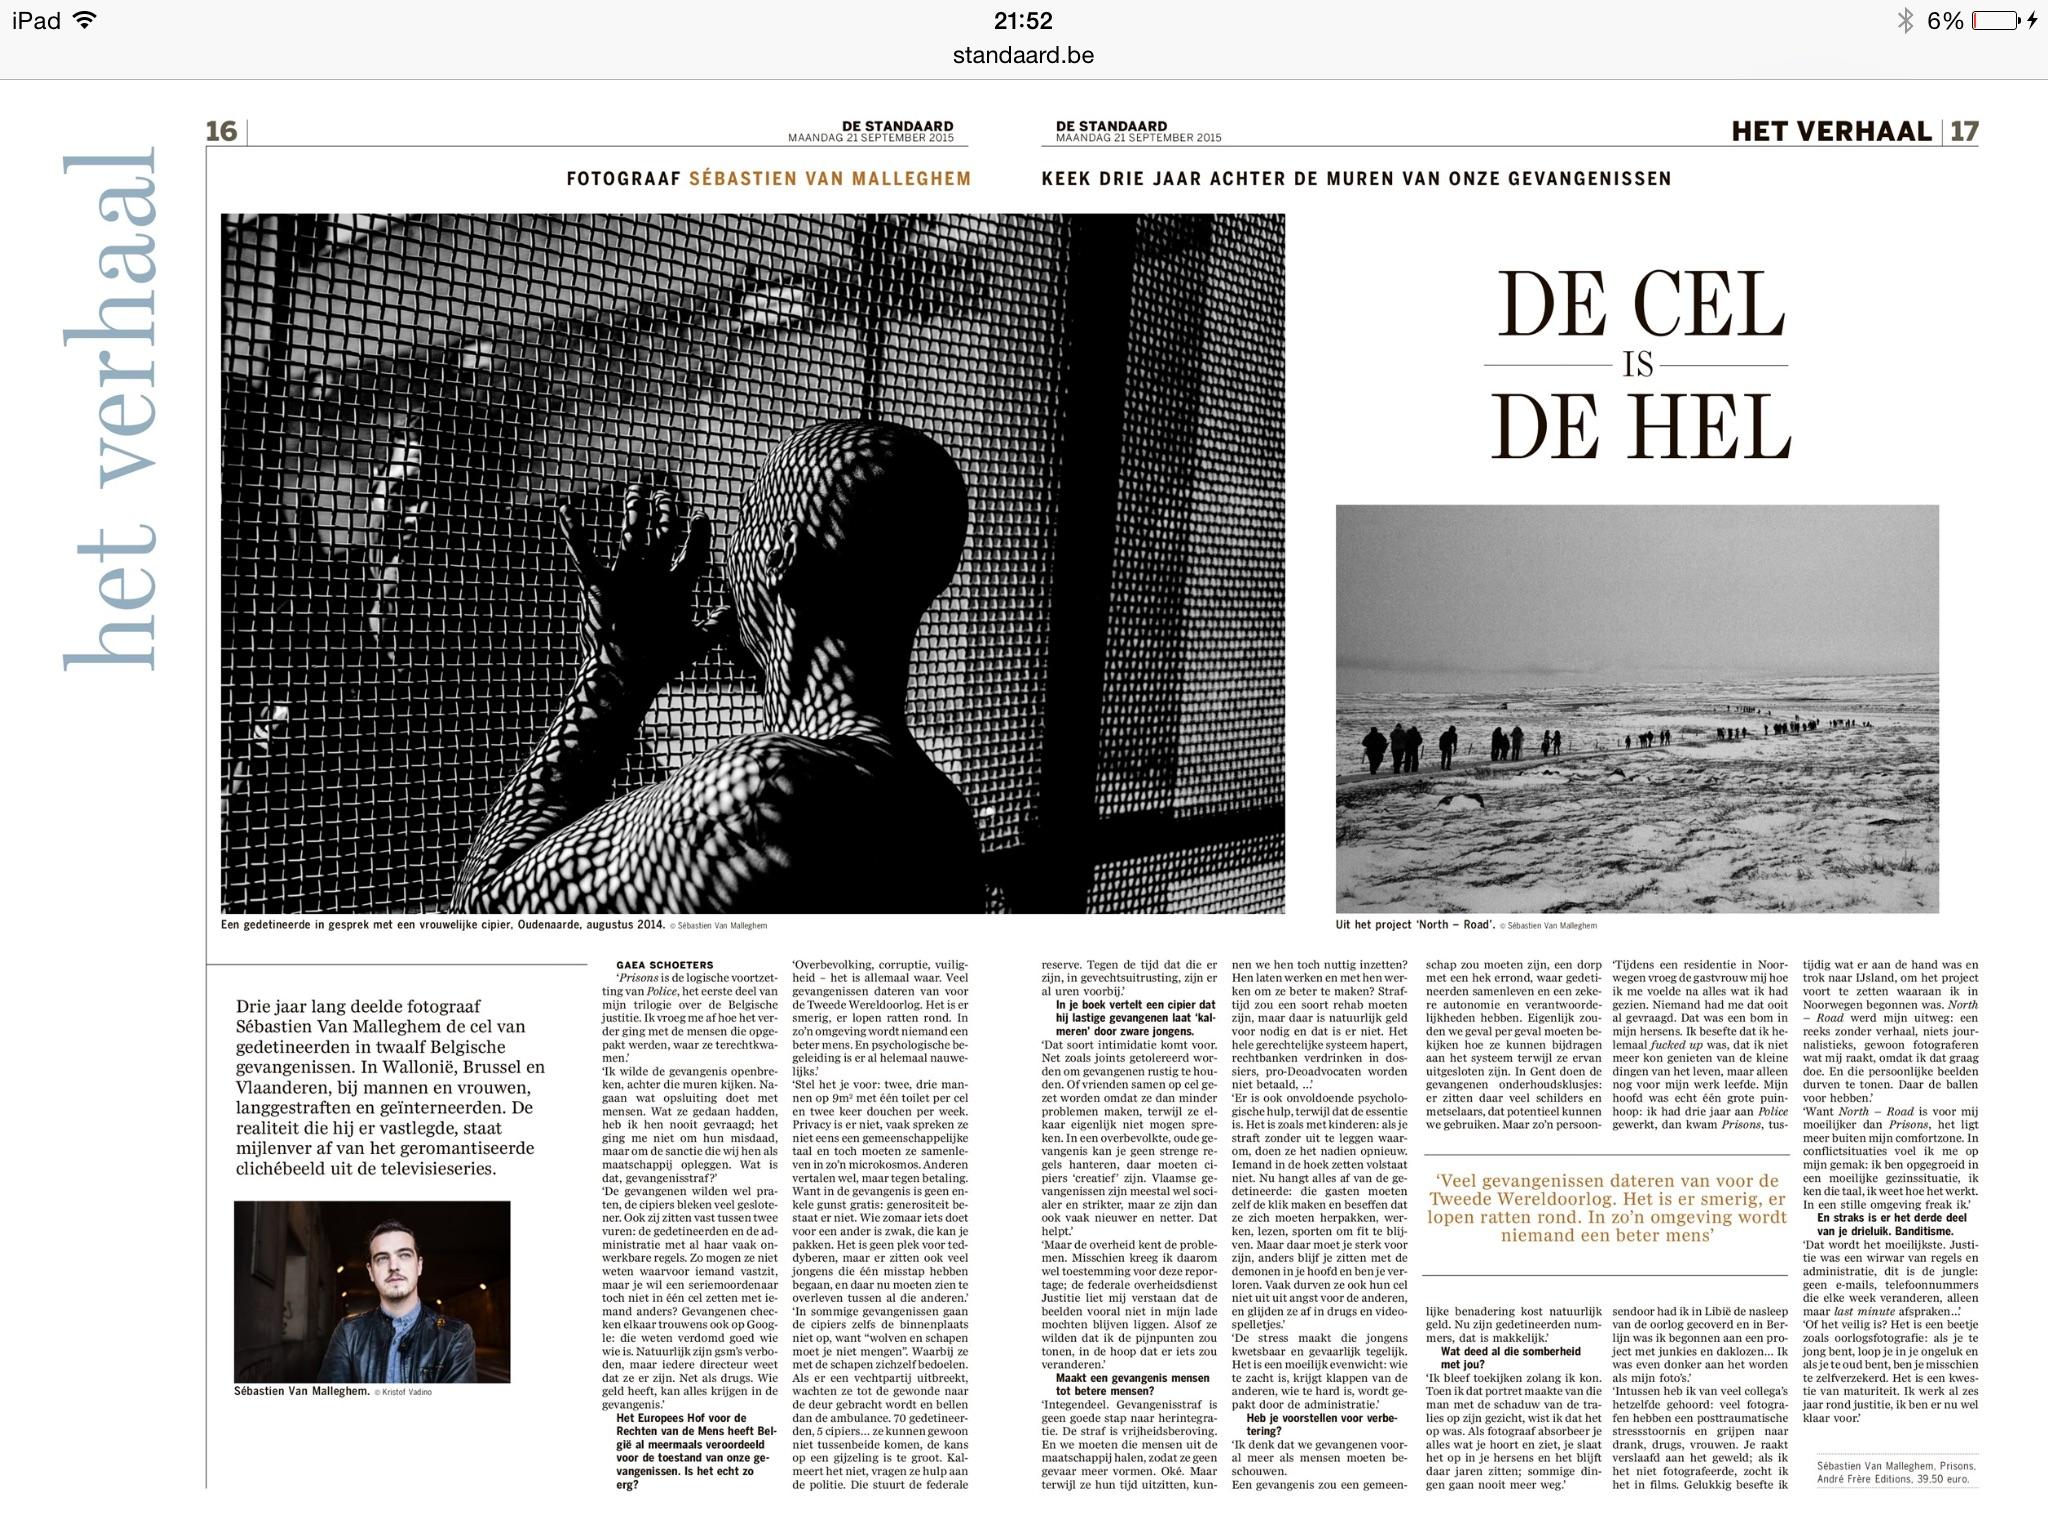 De cel is de hel – Sébastien van malleghem #ds #XL-versie